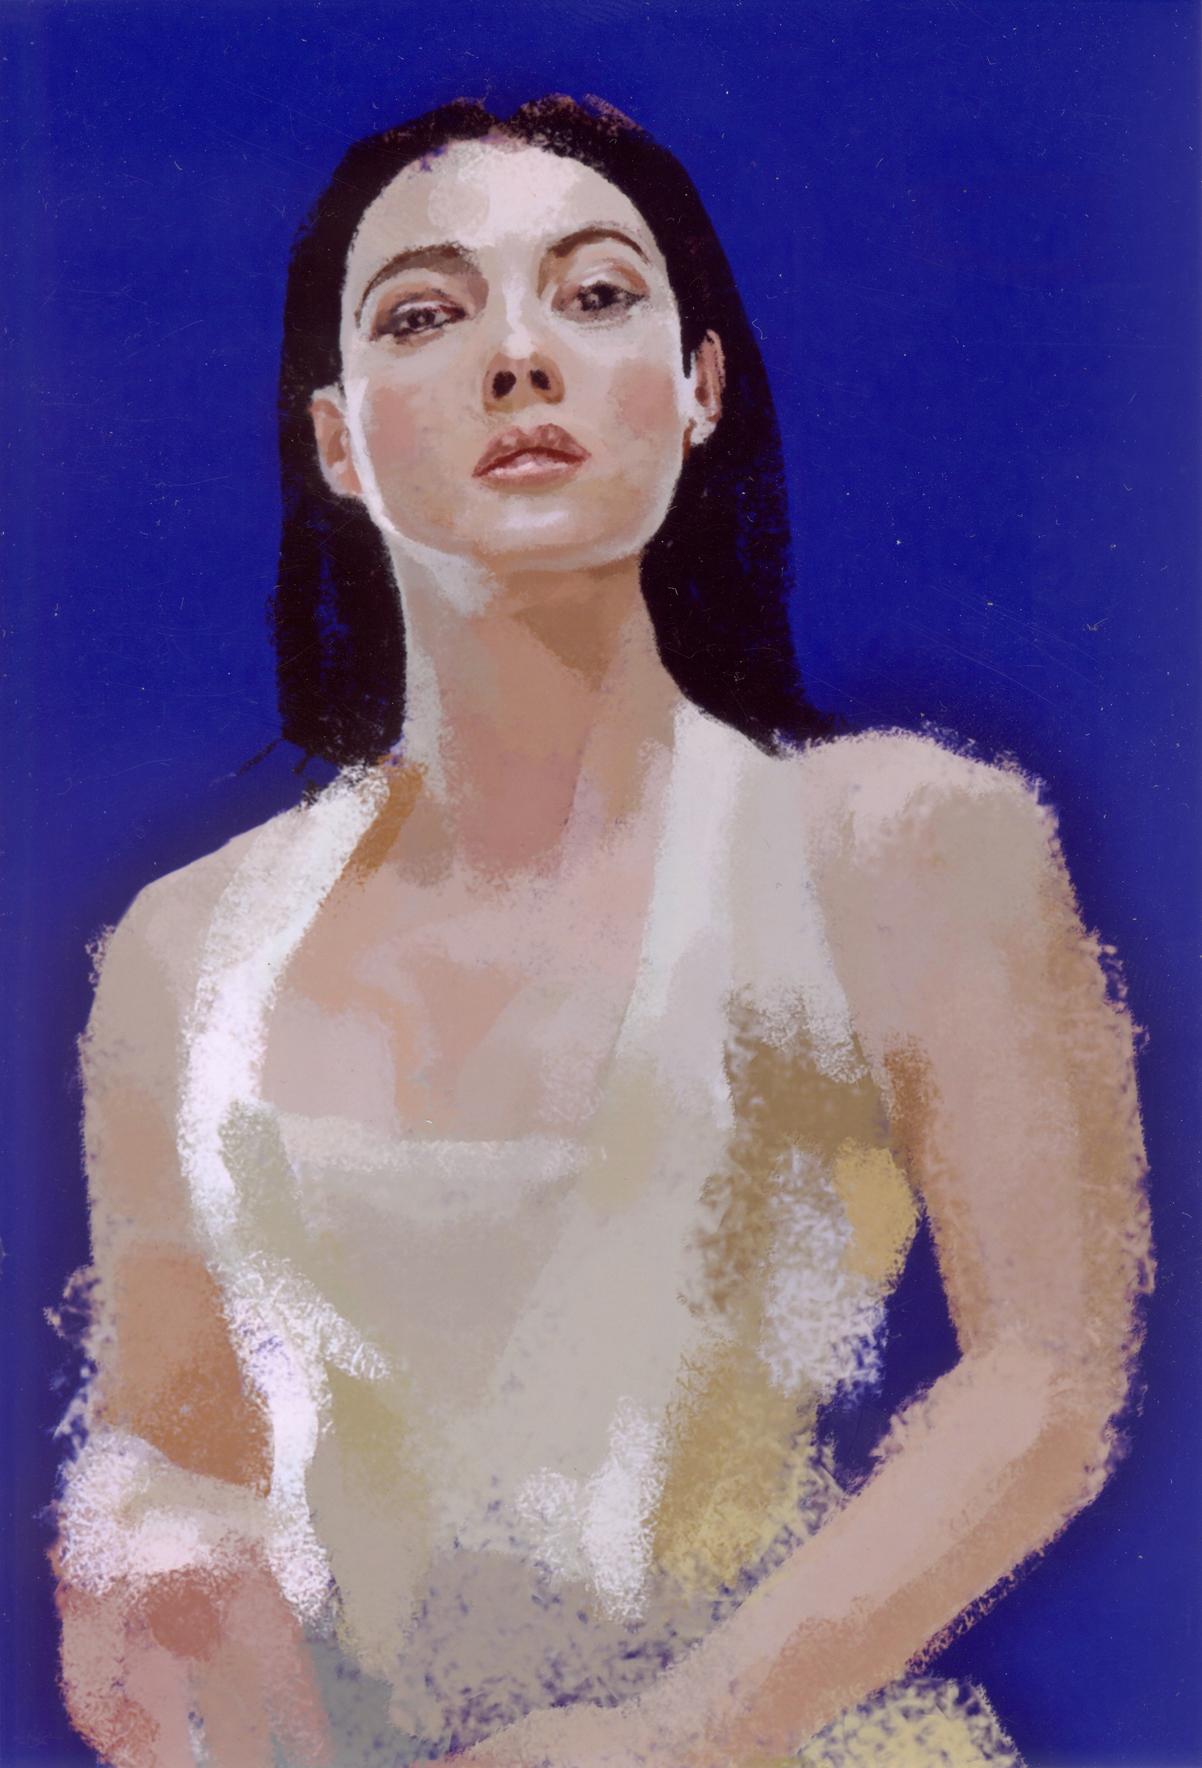 Monica Bellucci Fan art :)